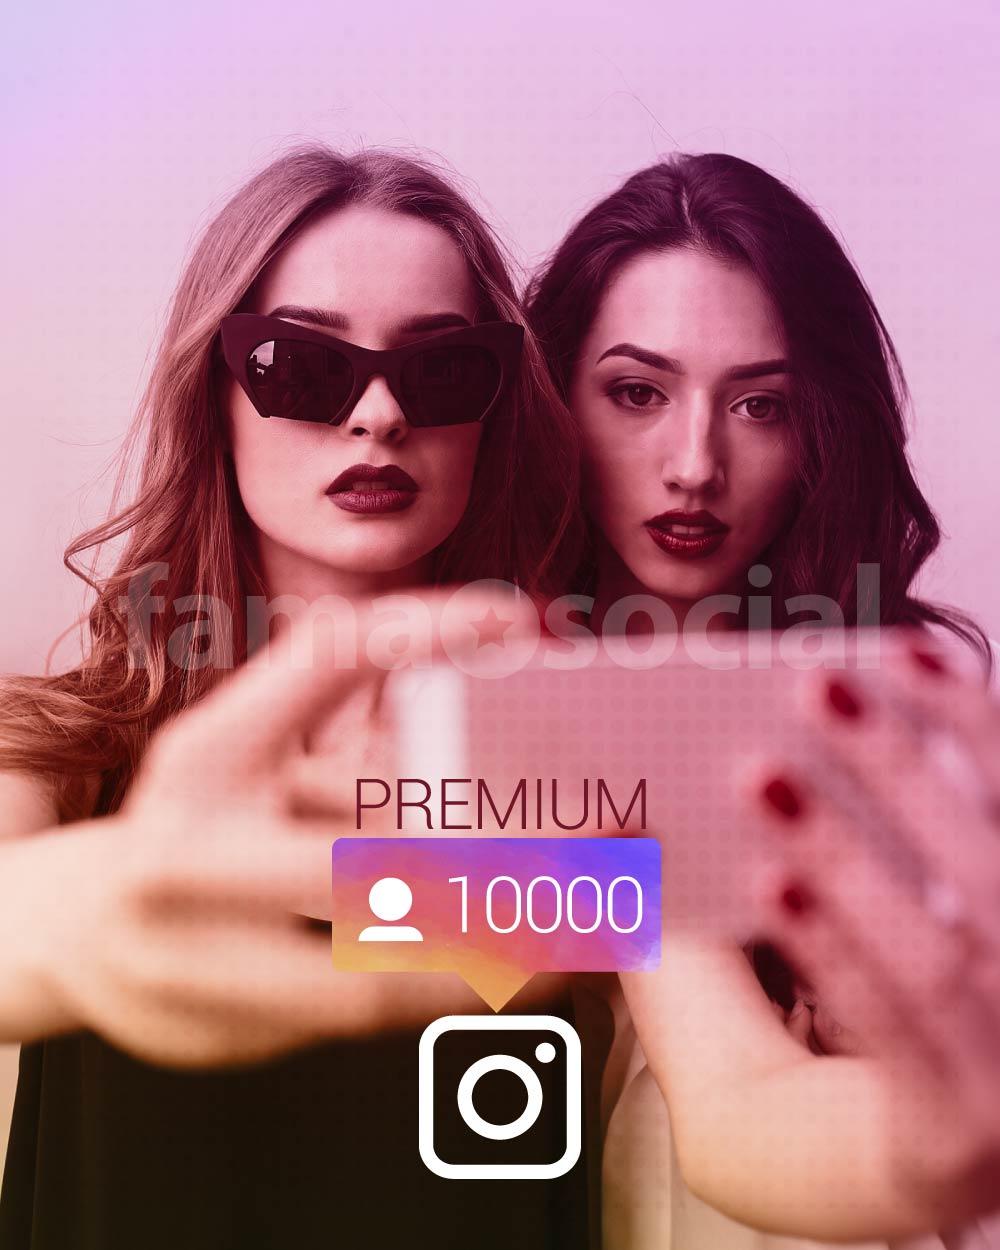 10000 Seguidores Premium para instagram